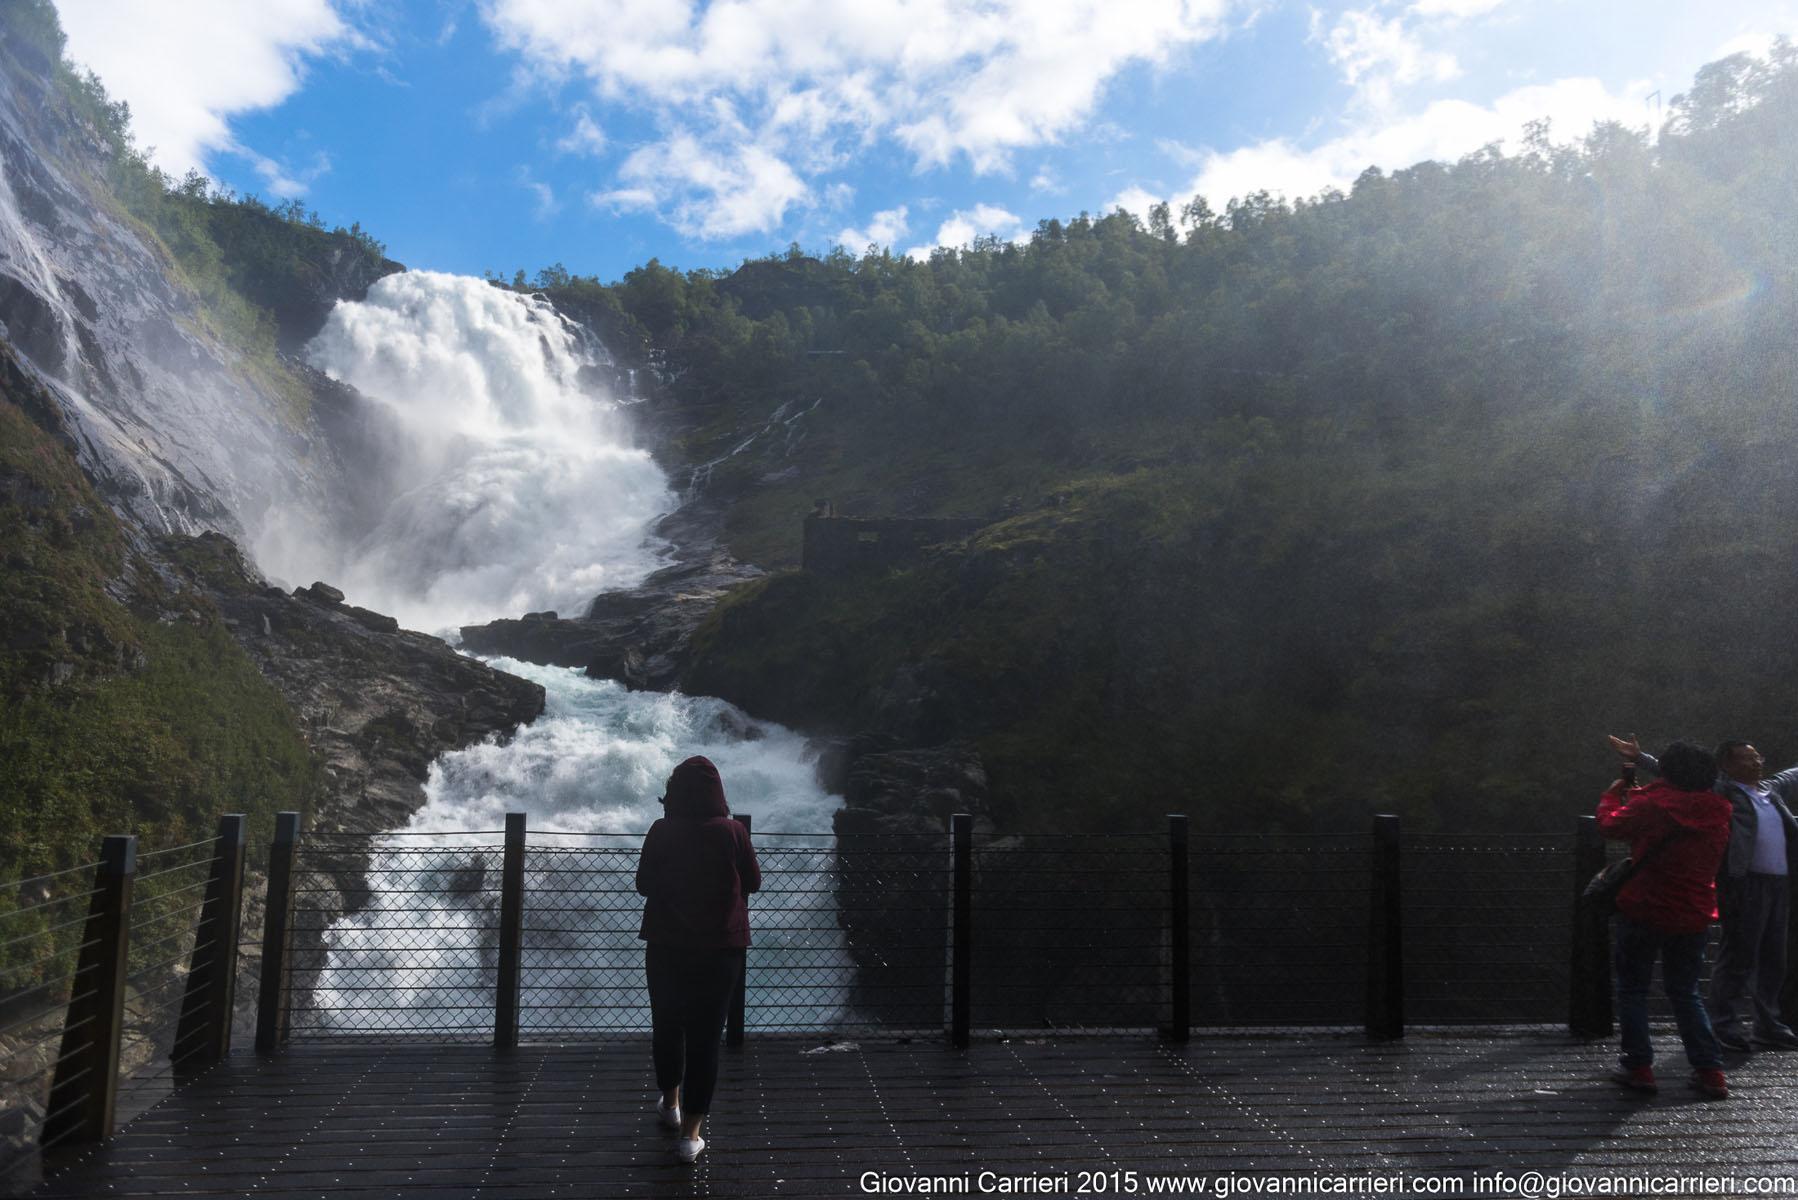 The splendid waterfalls Kjosfossen